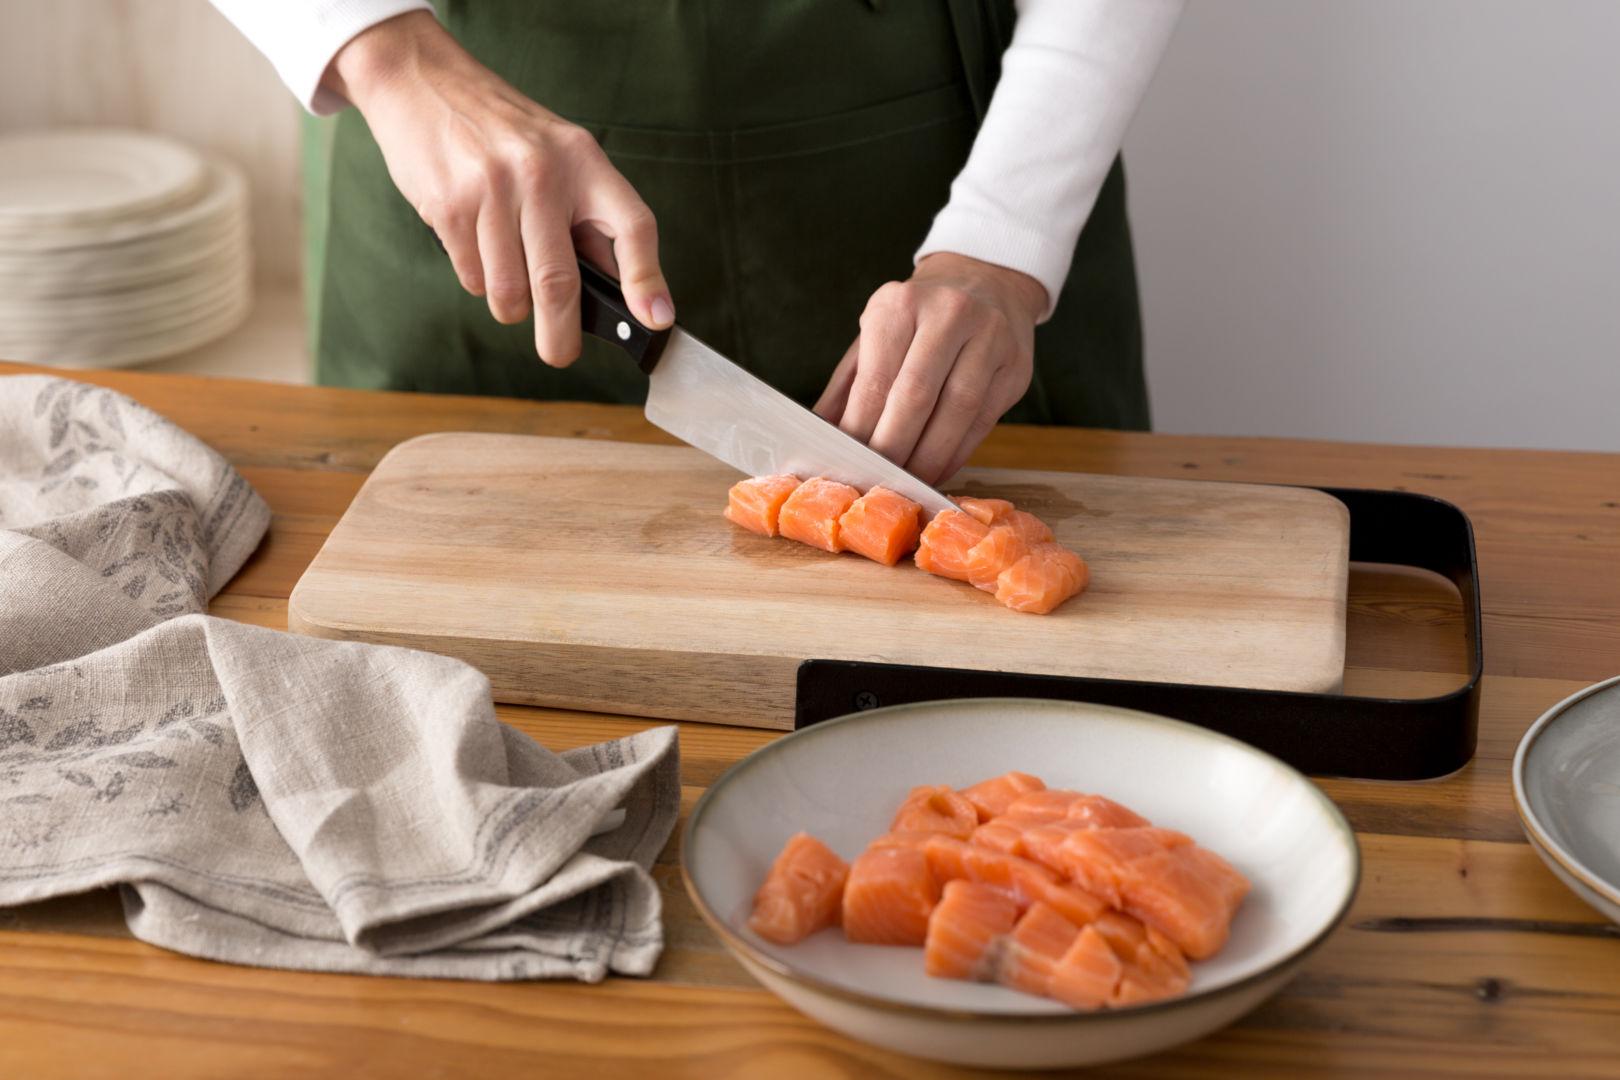 Limpiamos el salmón fresco